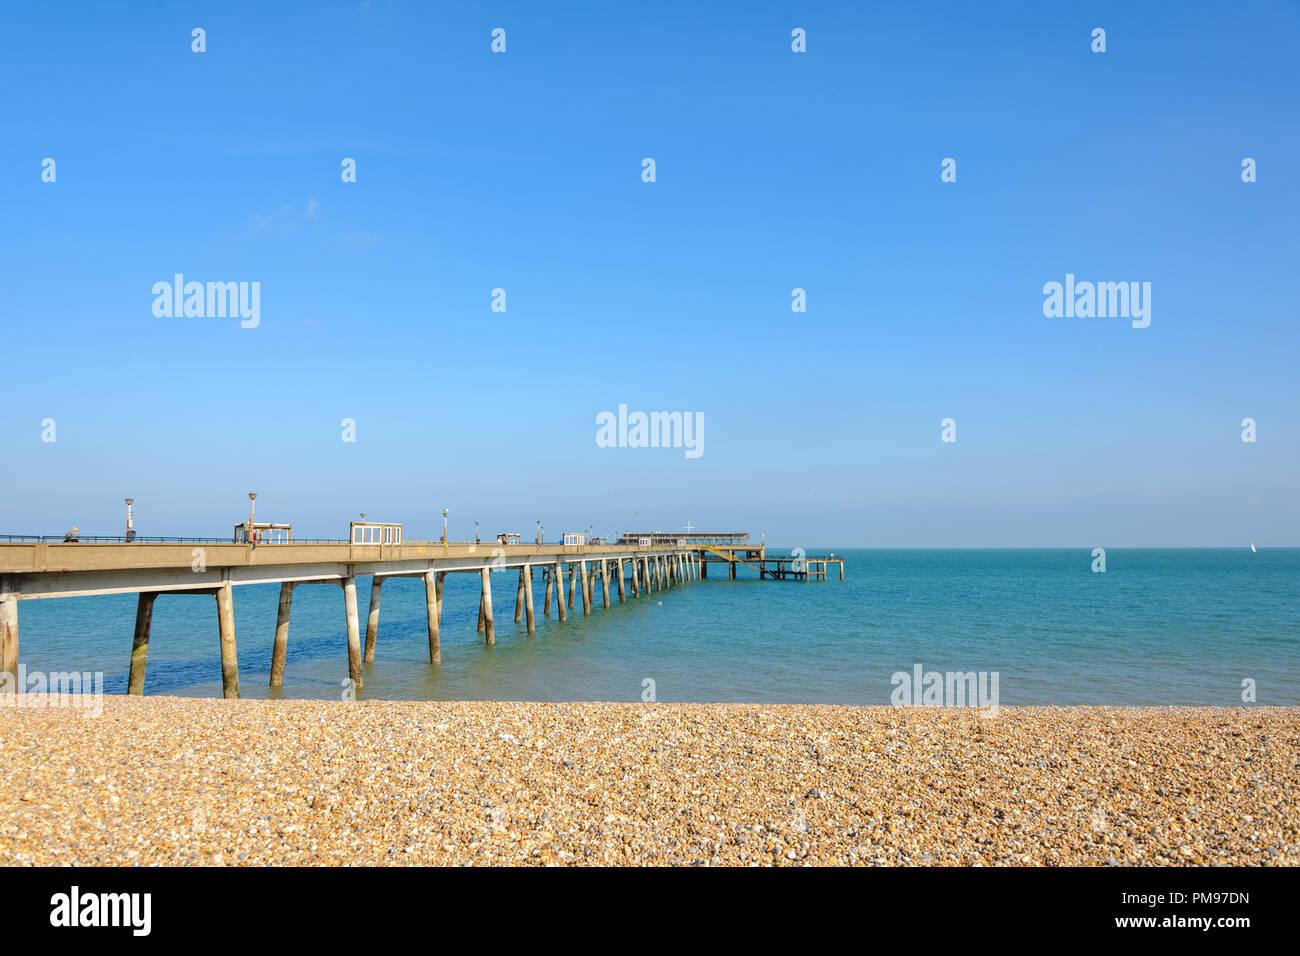 Tratar Beach & Pier, Kent, UK Imagen De Stock